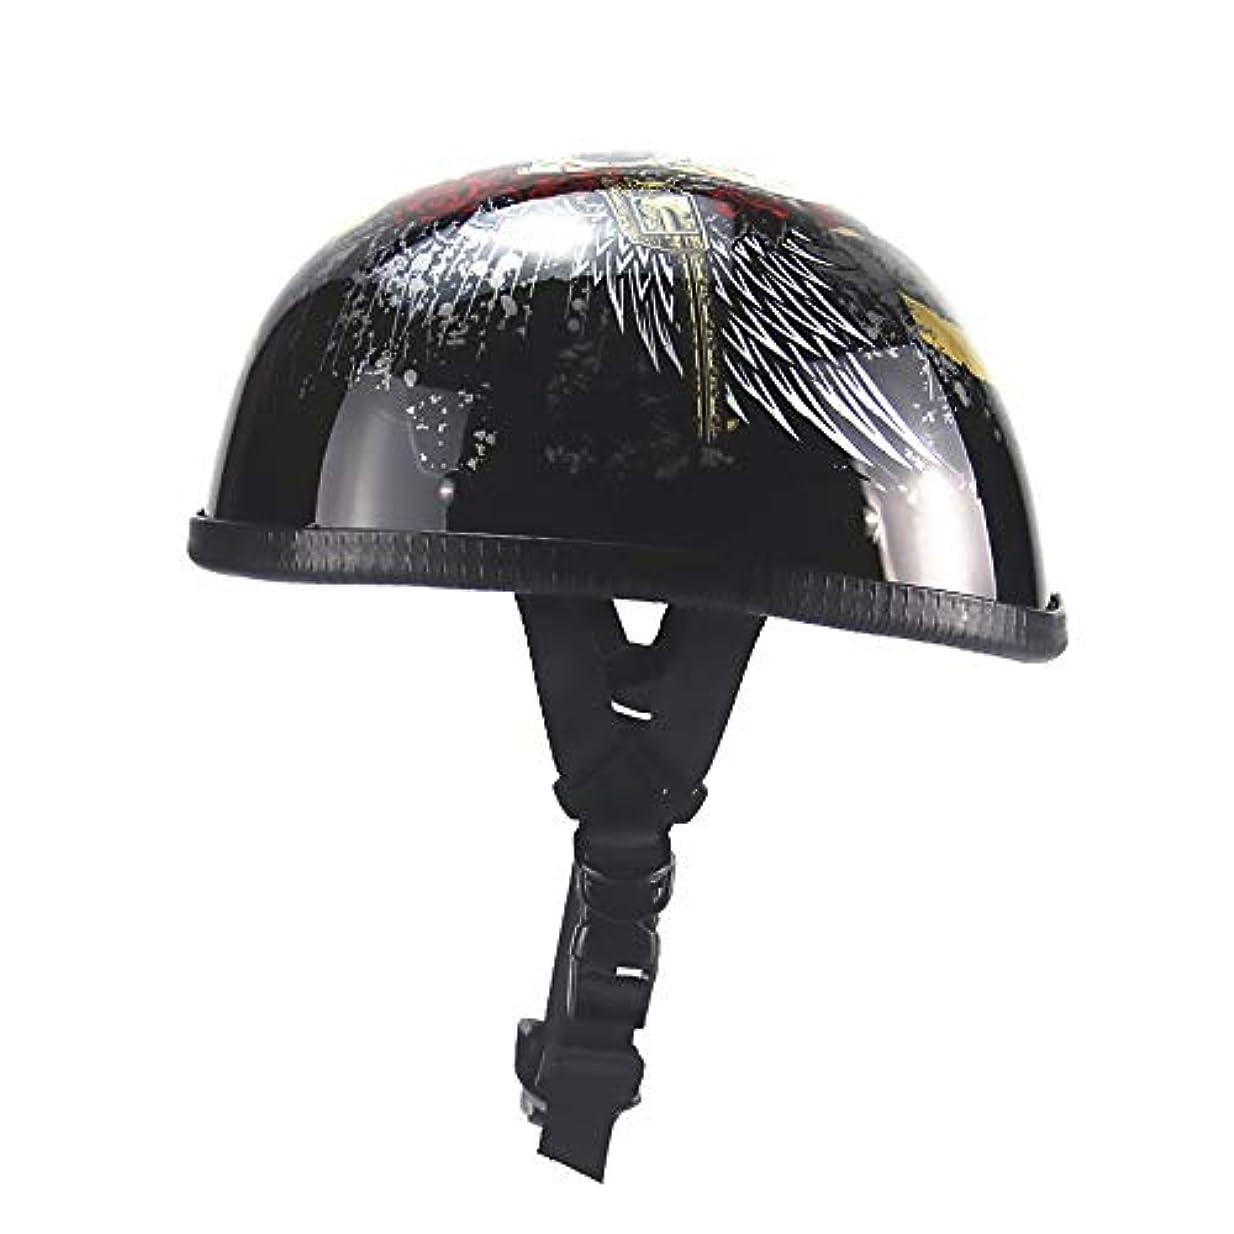 閉じるを通して市民TOMSSL高品質 アダルトヘルメットクリエイティブパーソナリティヘルメットスクープヘルメットレトロハーフヘルメットオートバイヘルメット電気自動車用ヘルメット